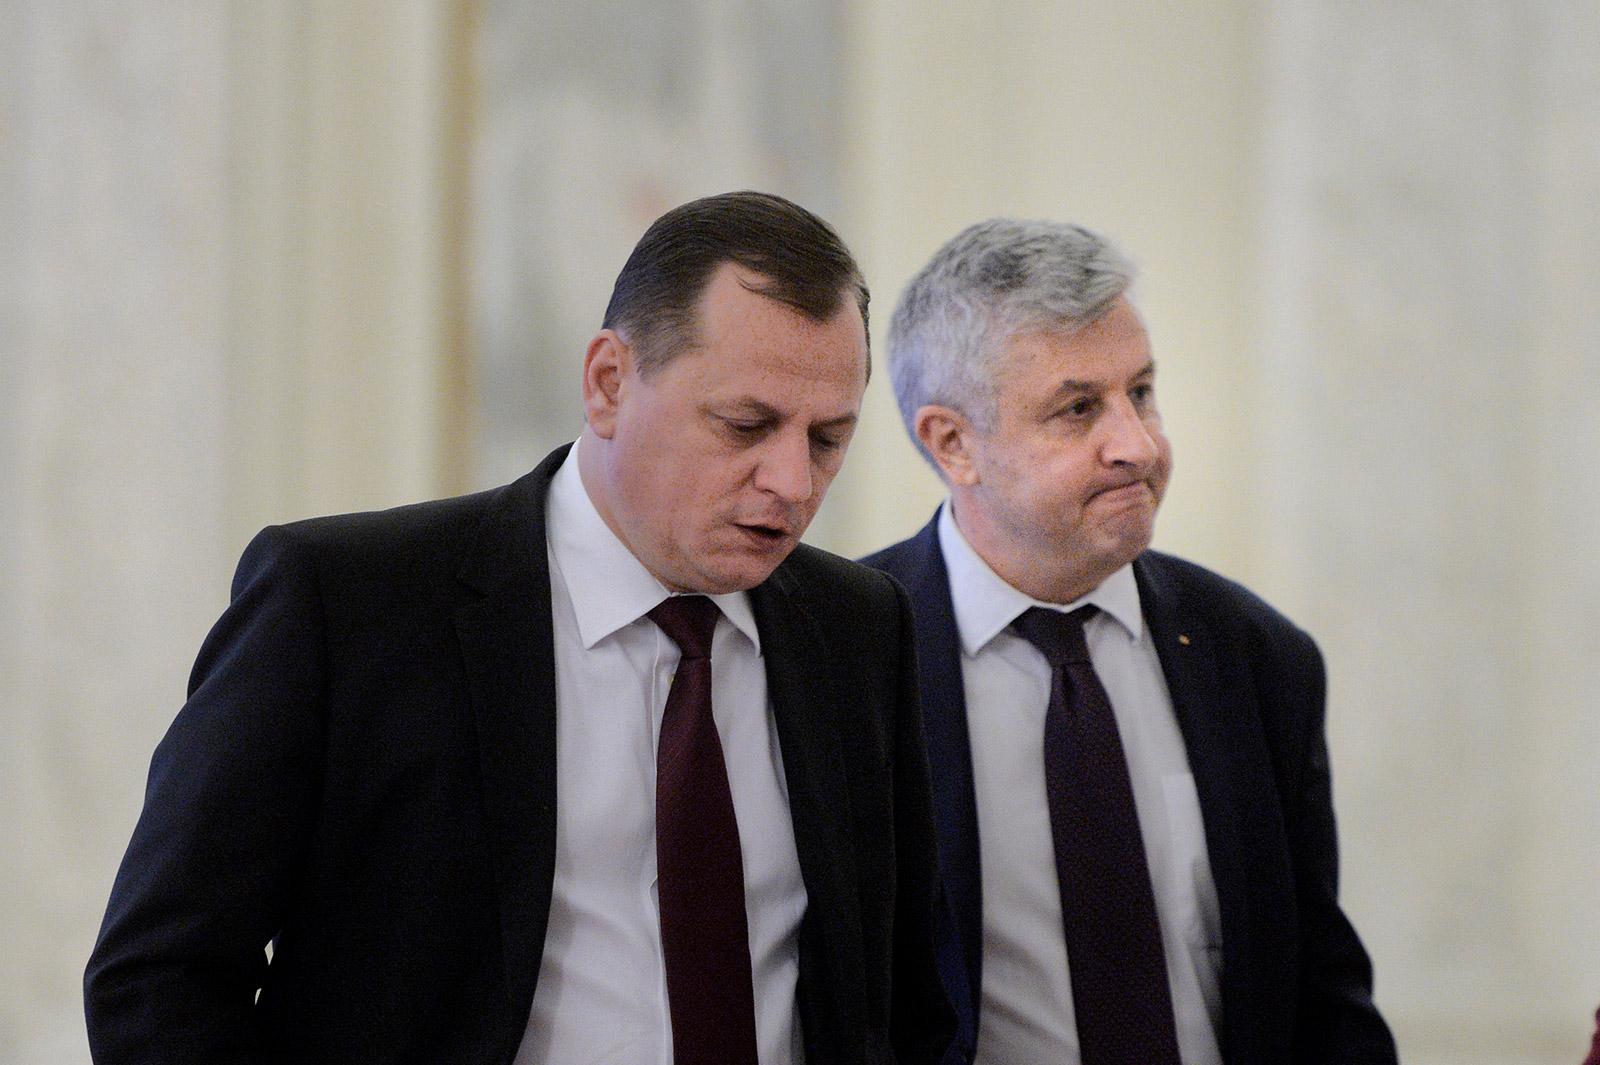 Gabriel Vlase (stânga) și Florin Iordache, împreună nu doar la vânătoare, ci și în Parlament / Foto: Mediafax Foto, Andreea Alexandru